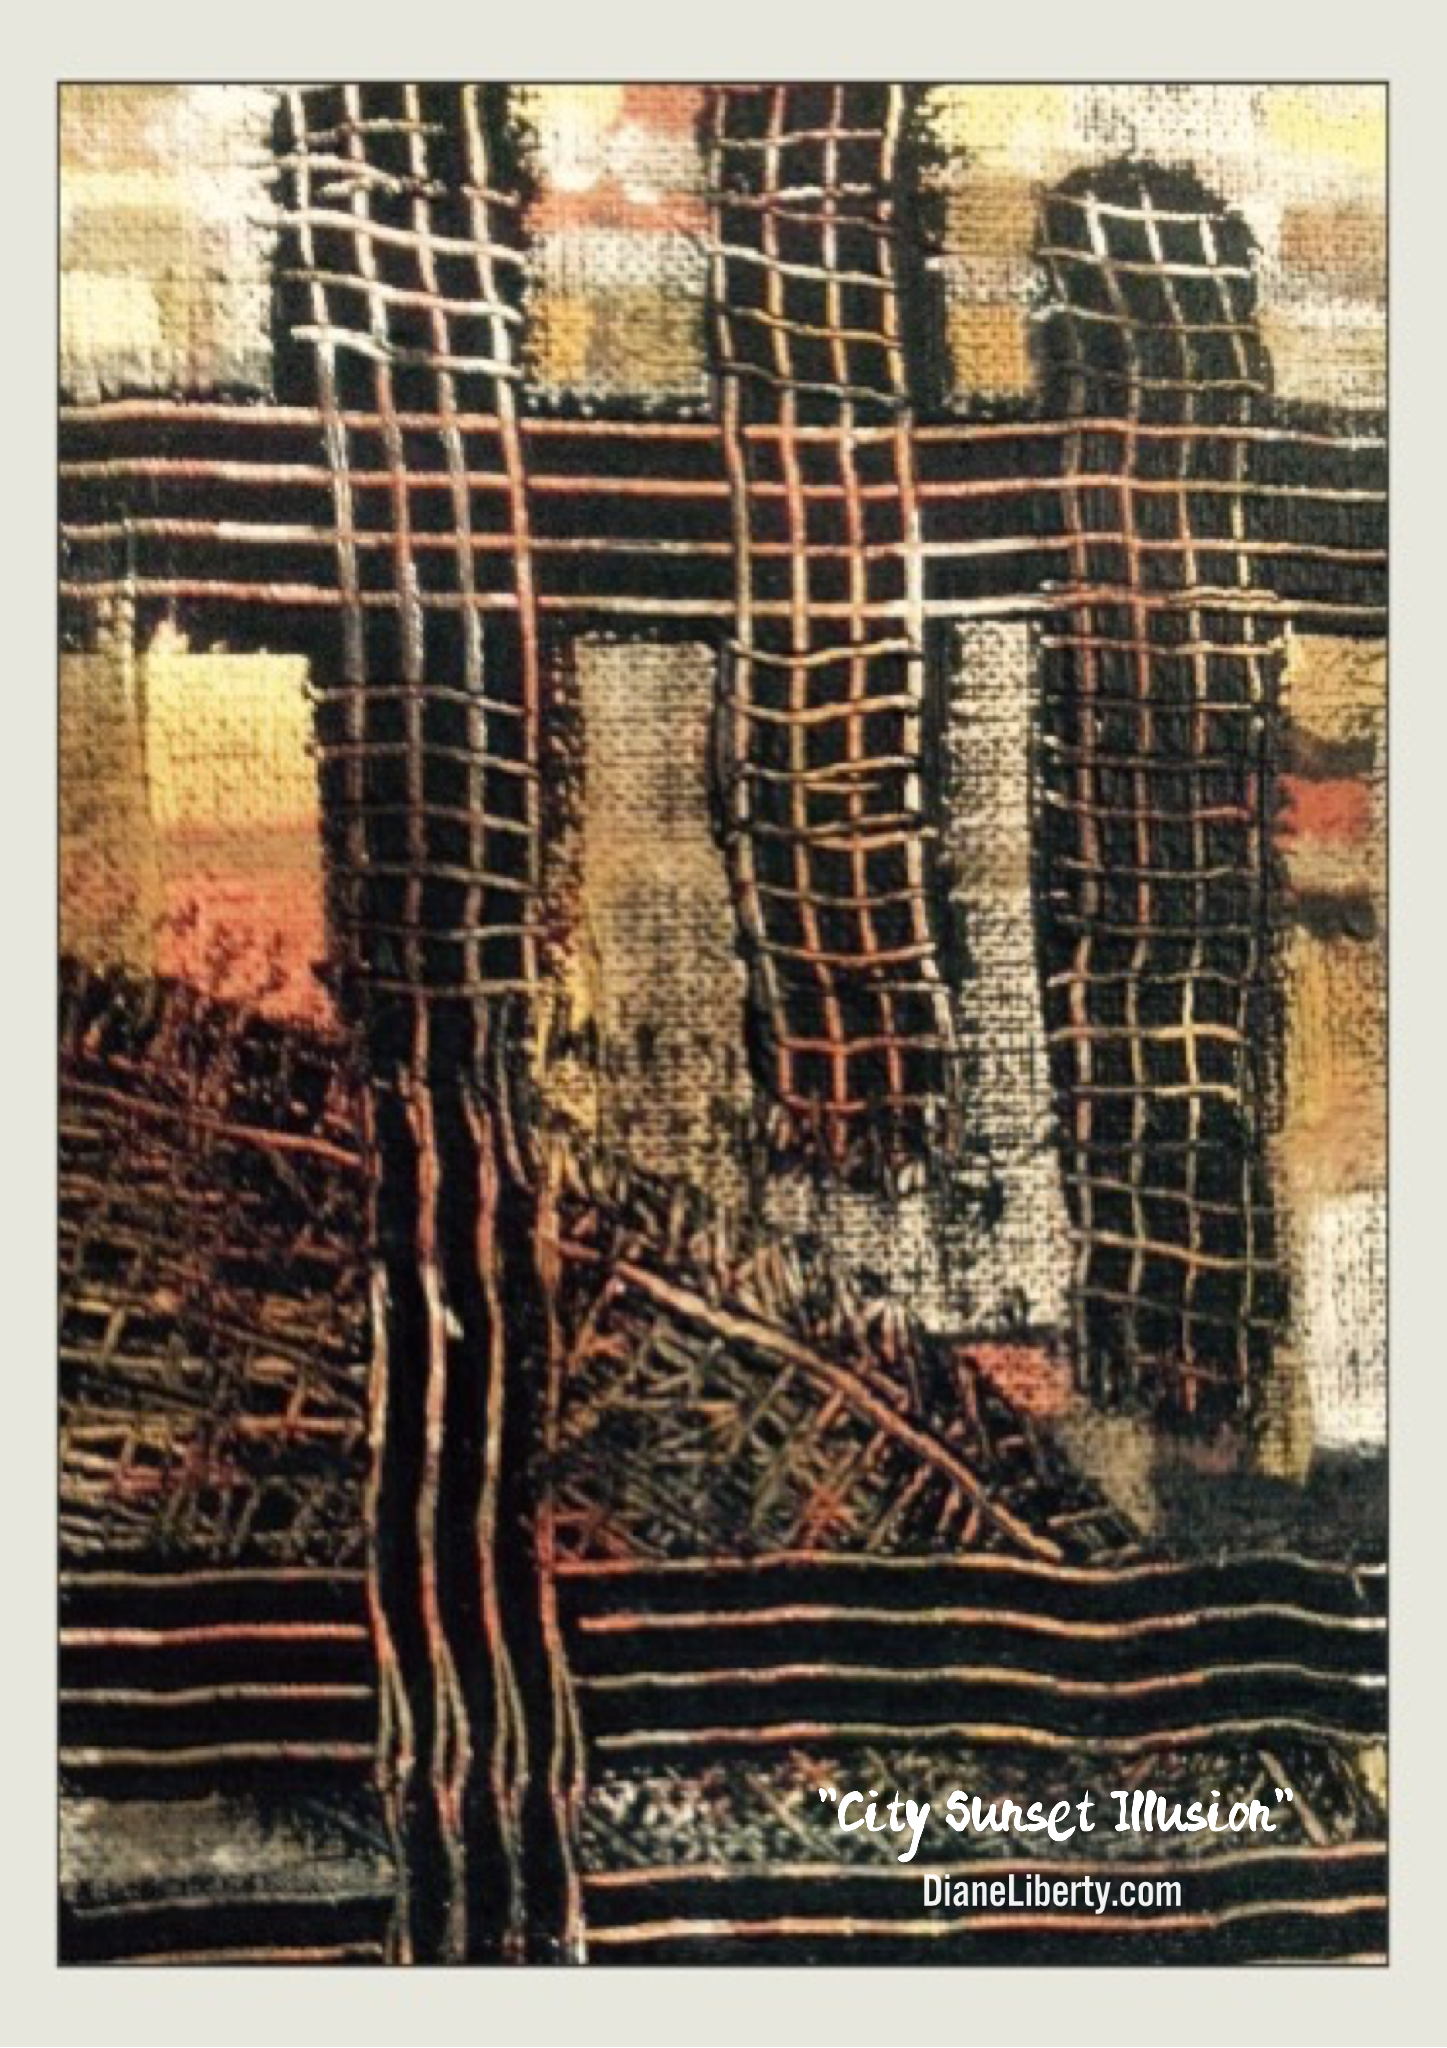 City Sunset Illusion by Diane Liberty